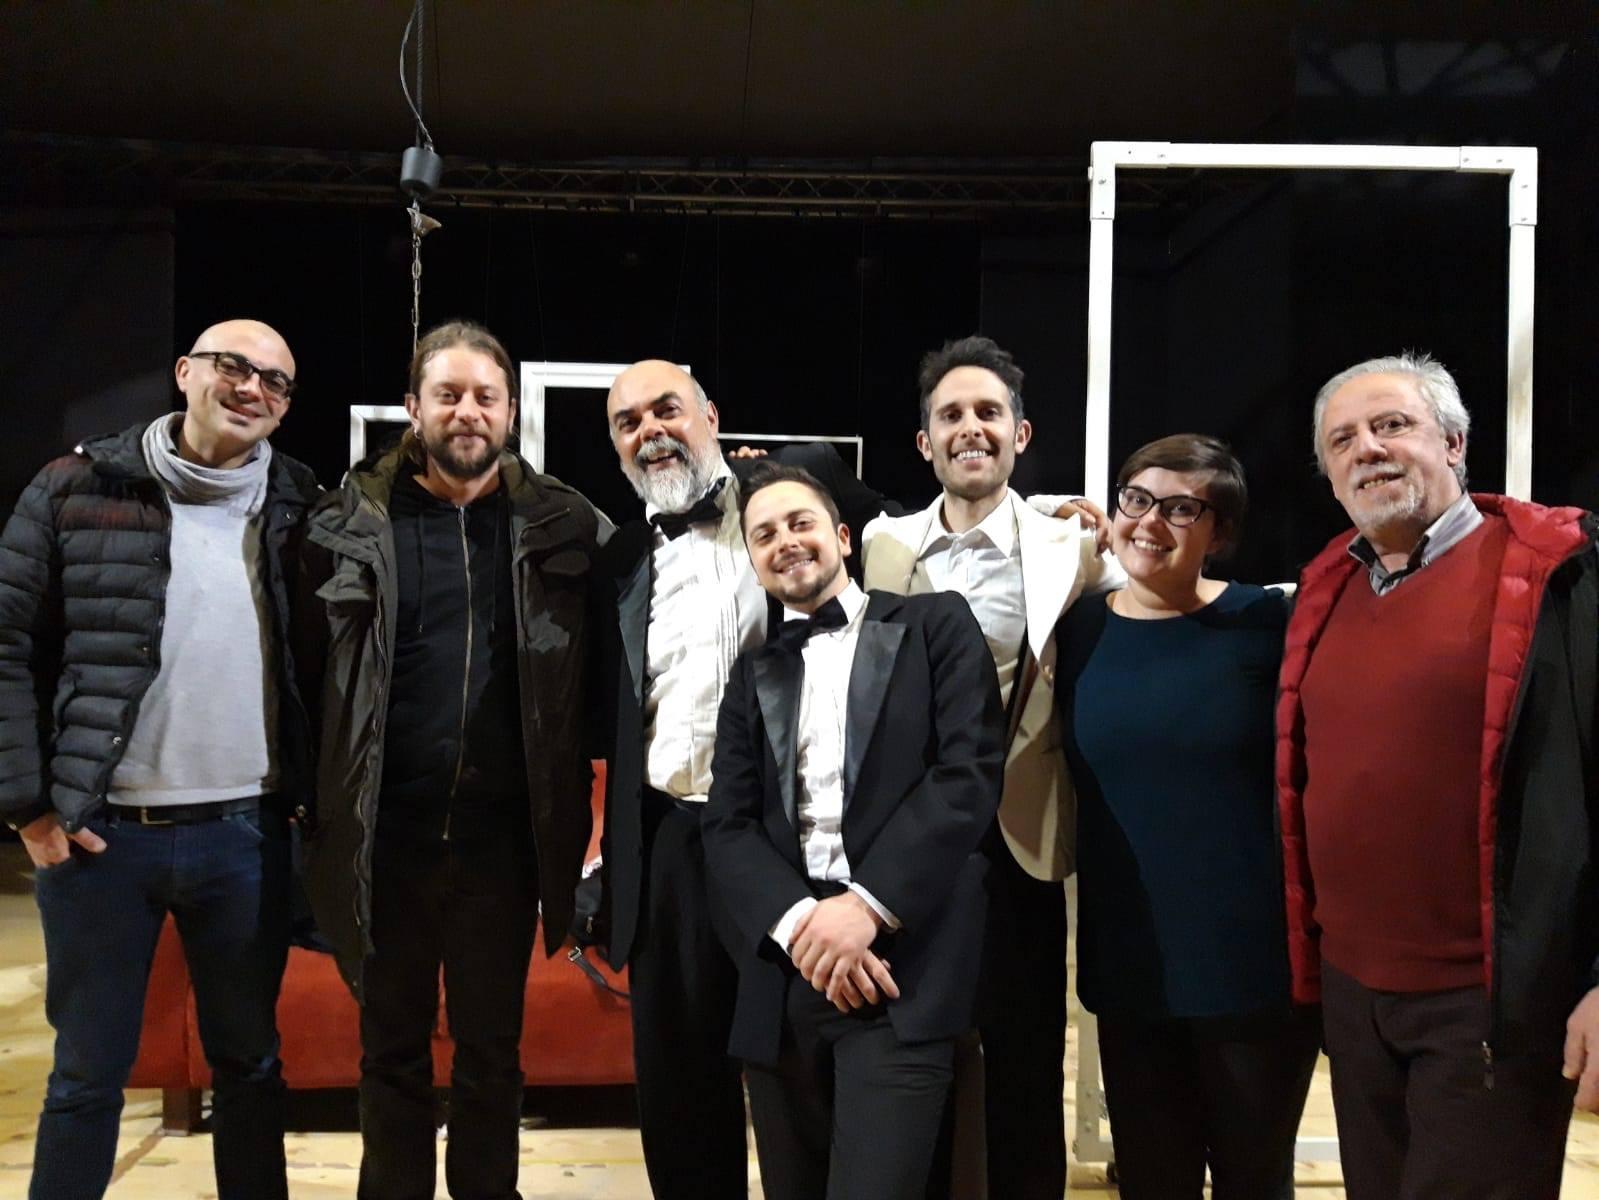 teatro-carpineto-romano-atti-comici-19-gen